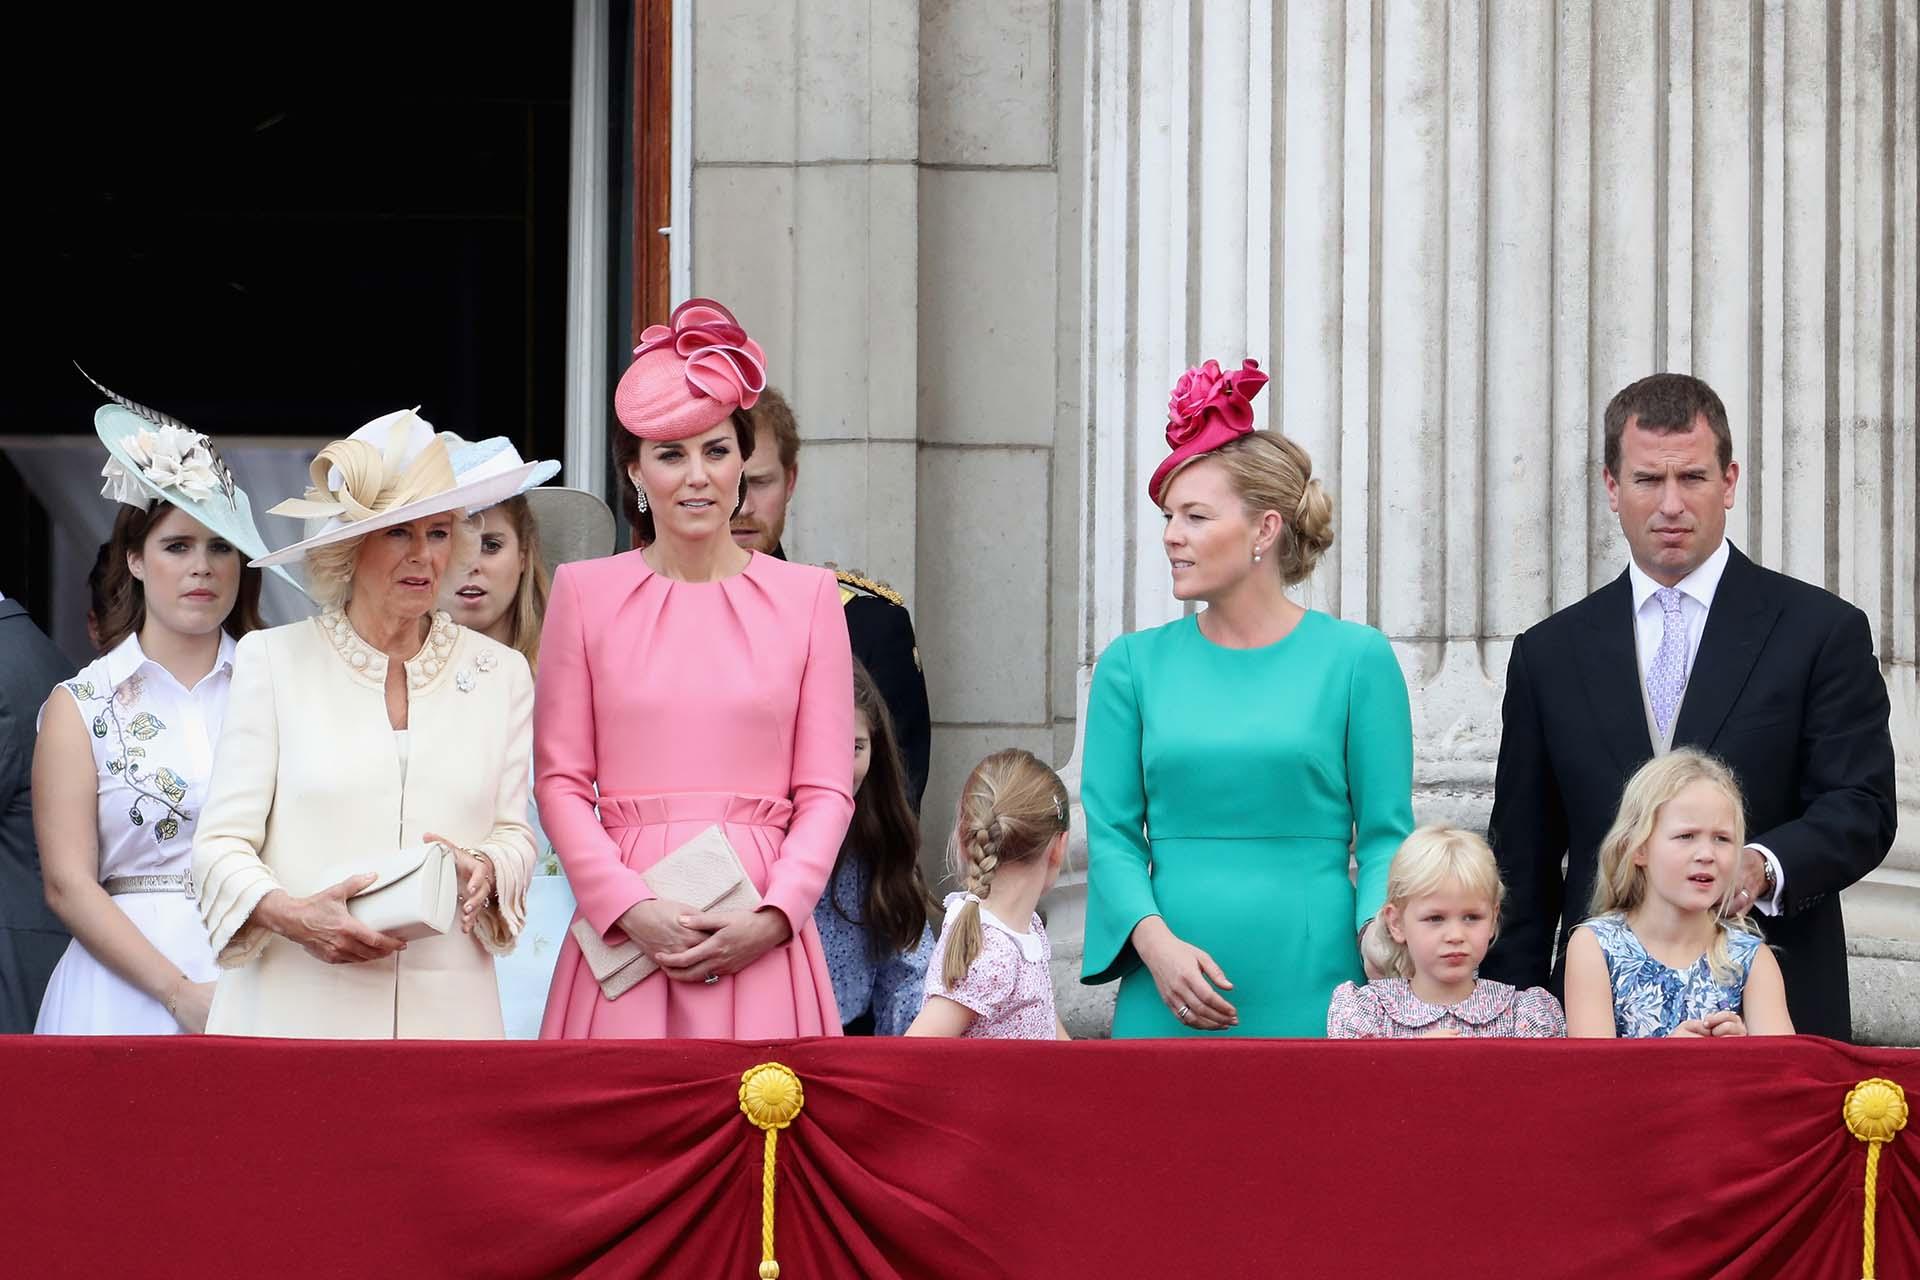 La princesa Eugenia de York junto a Camilla, duquesa de Cornwall; Catalina de Cambridge, Autumn, Isla, Savannah y Peter Phillips